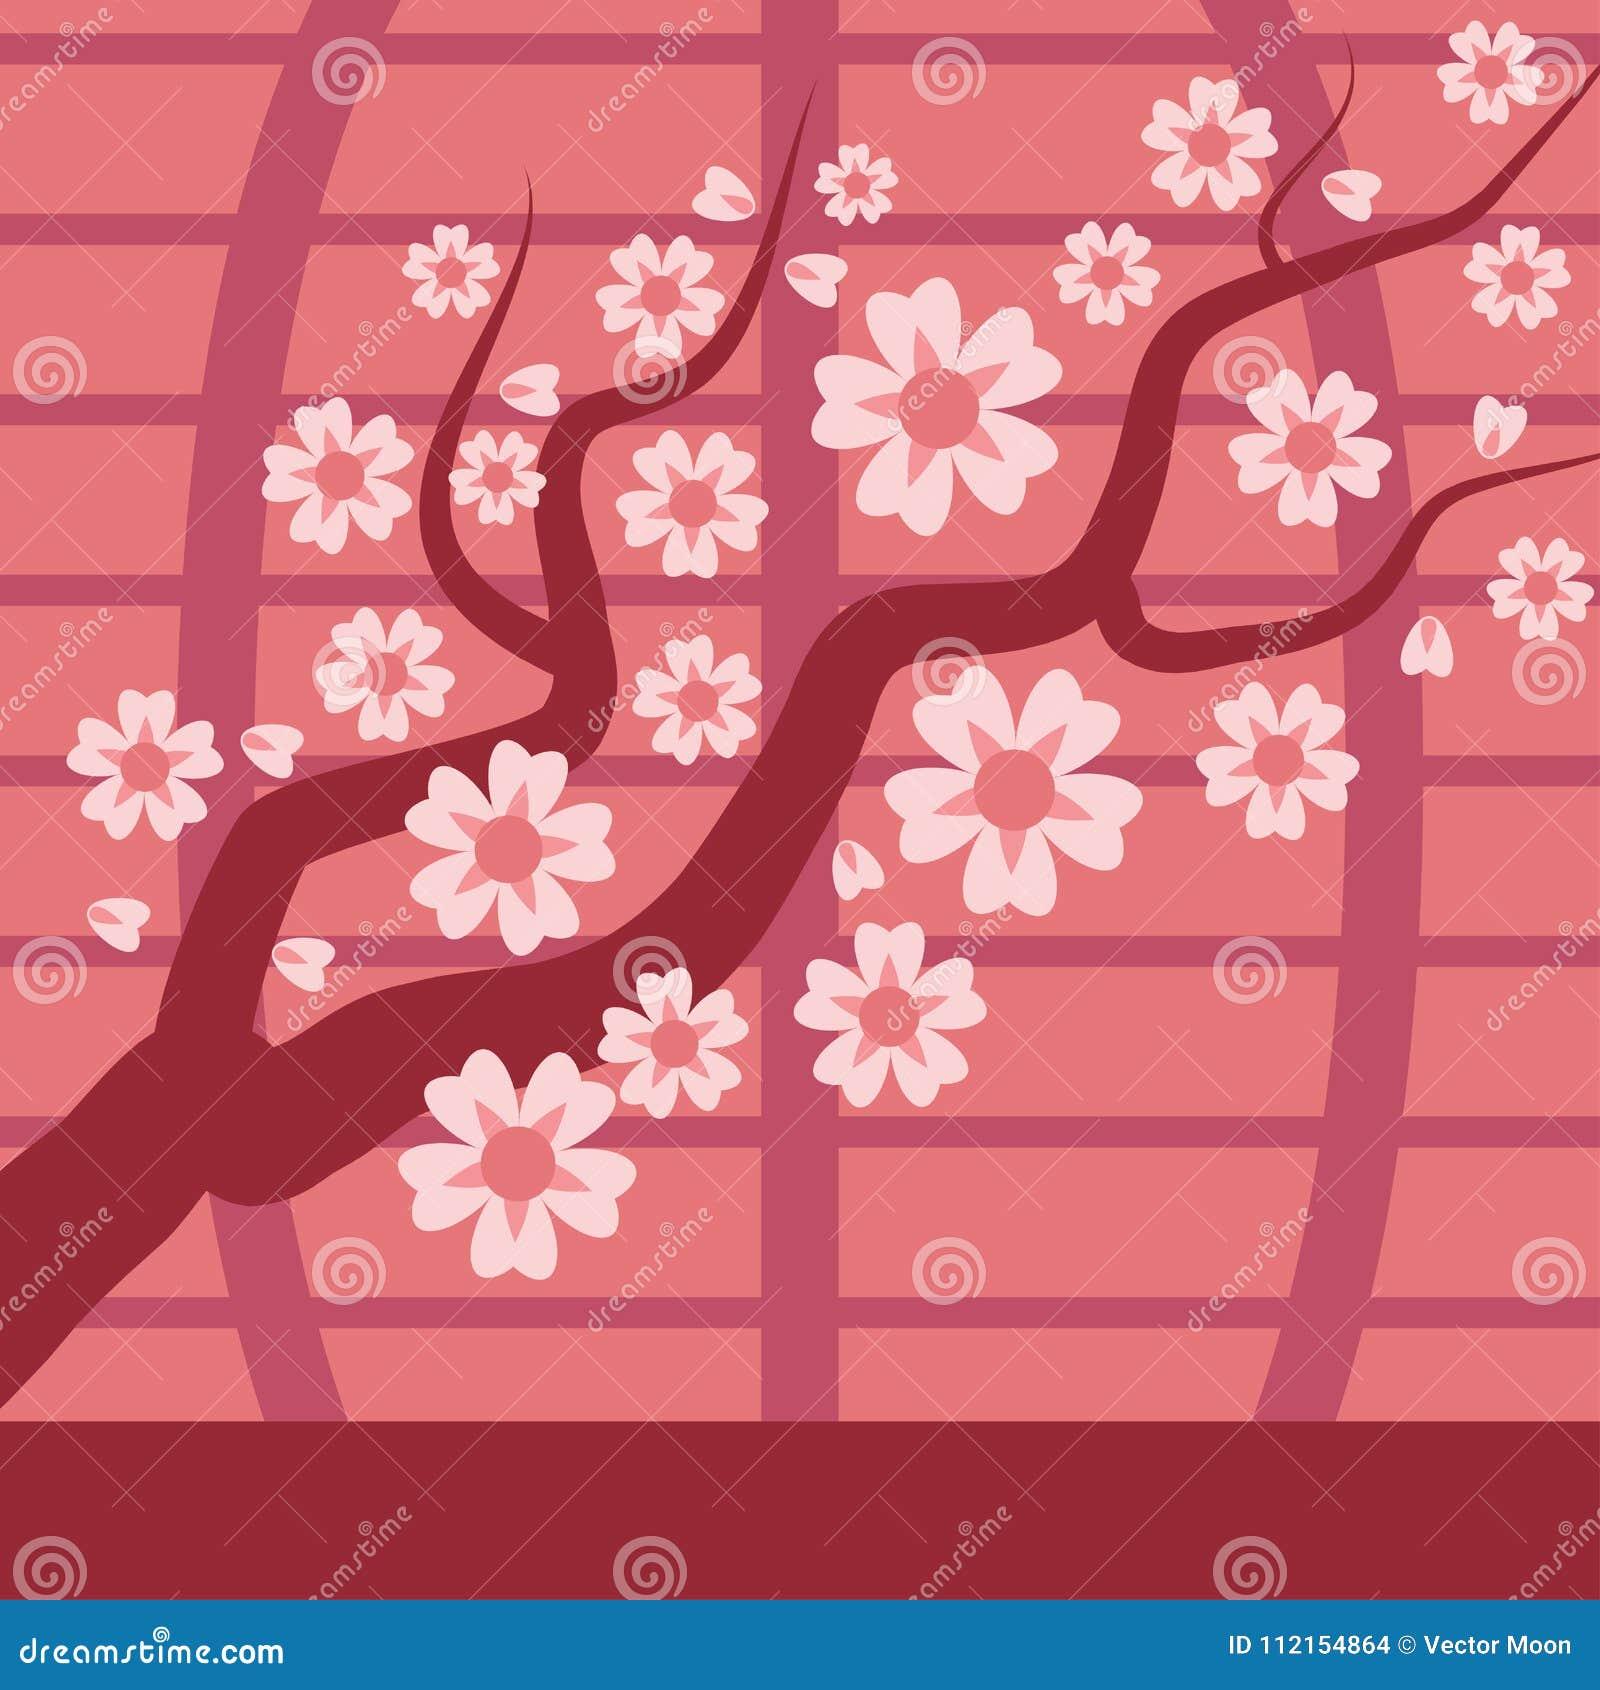 Kirschniederlassungs-Vektorbaum Kirschblütes Japan mit dem Blühen blüht Illustration Kirschblume und Rosa Kirschblüte Kirschblüte